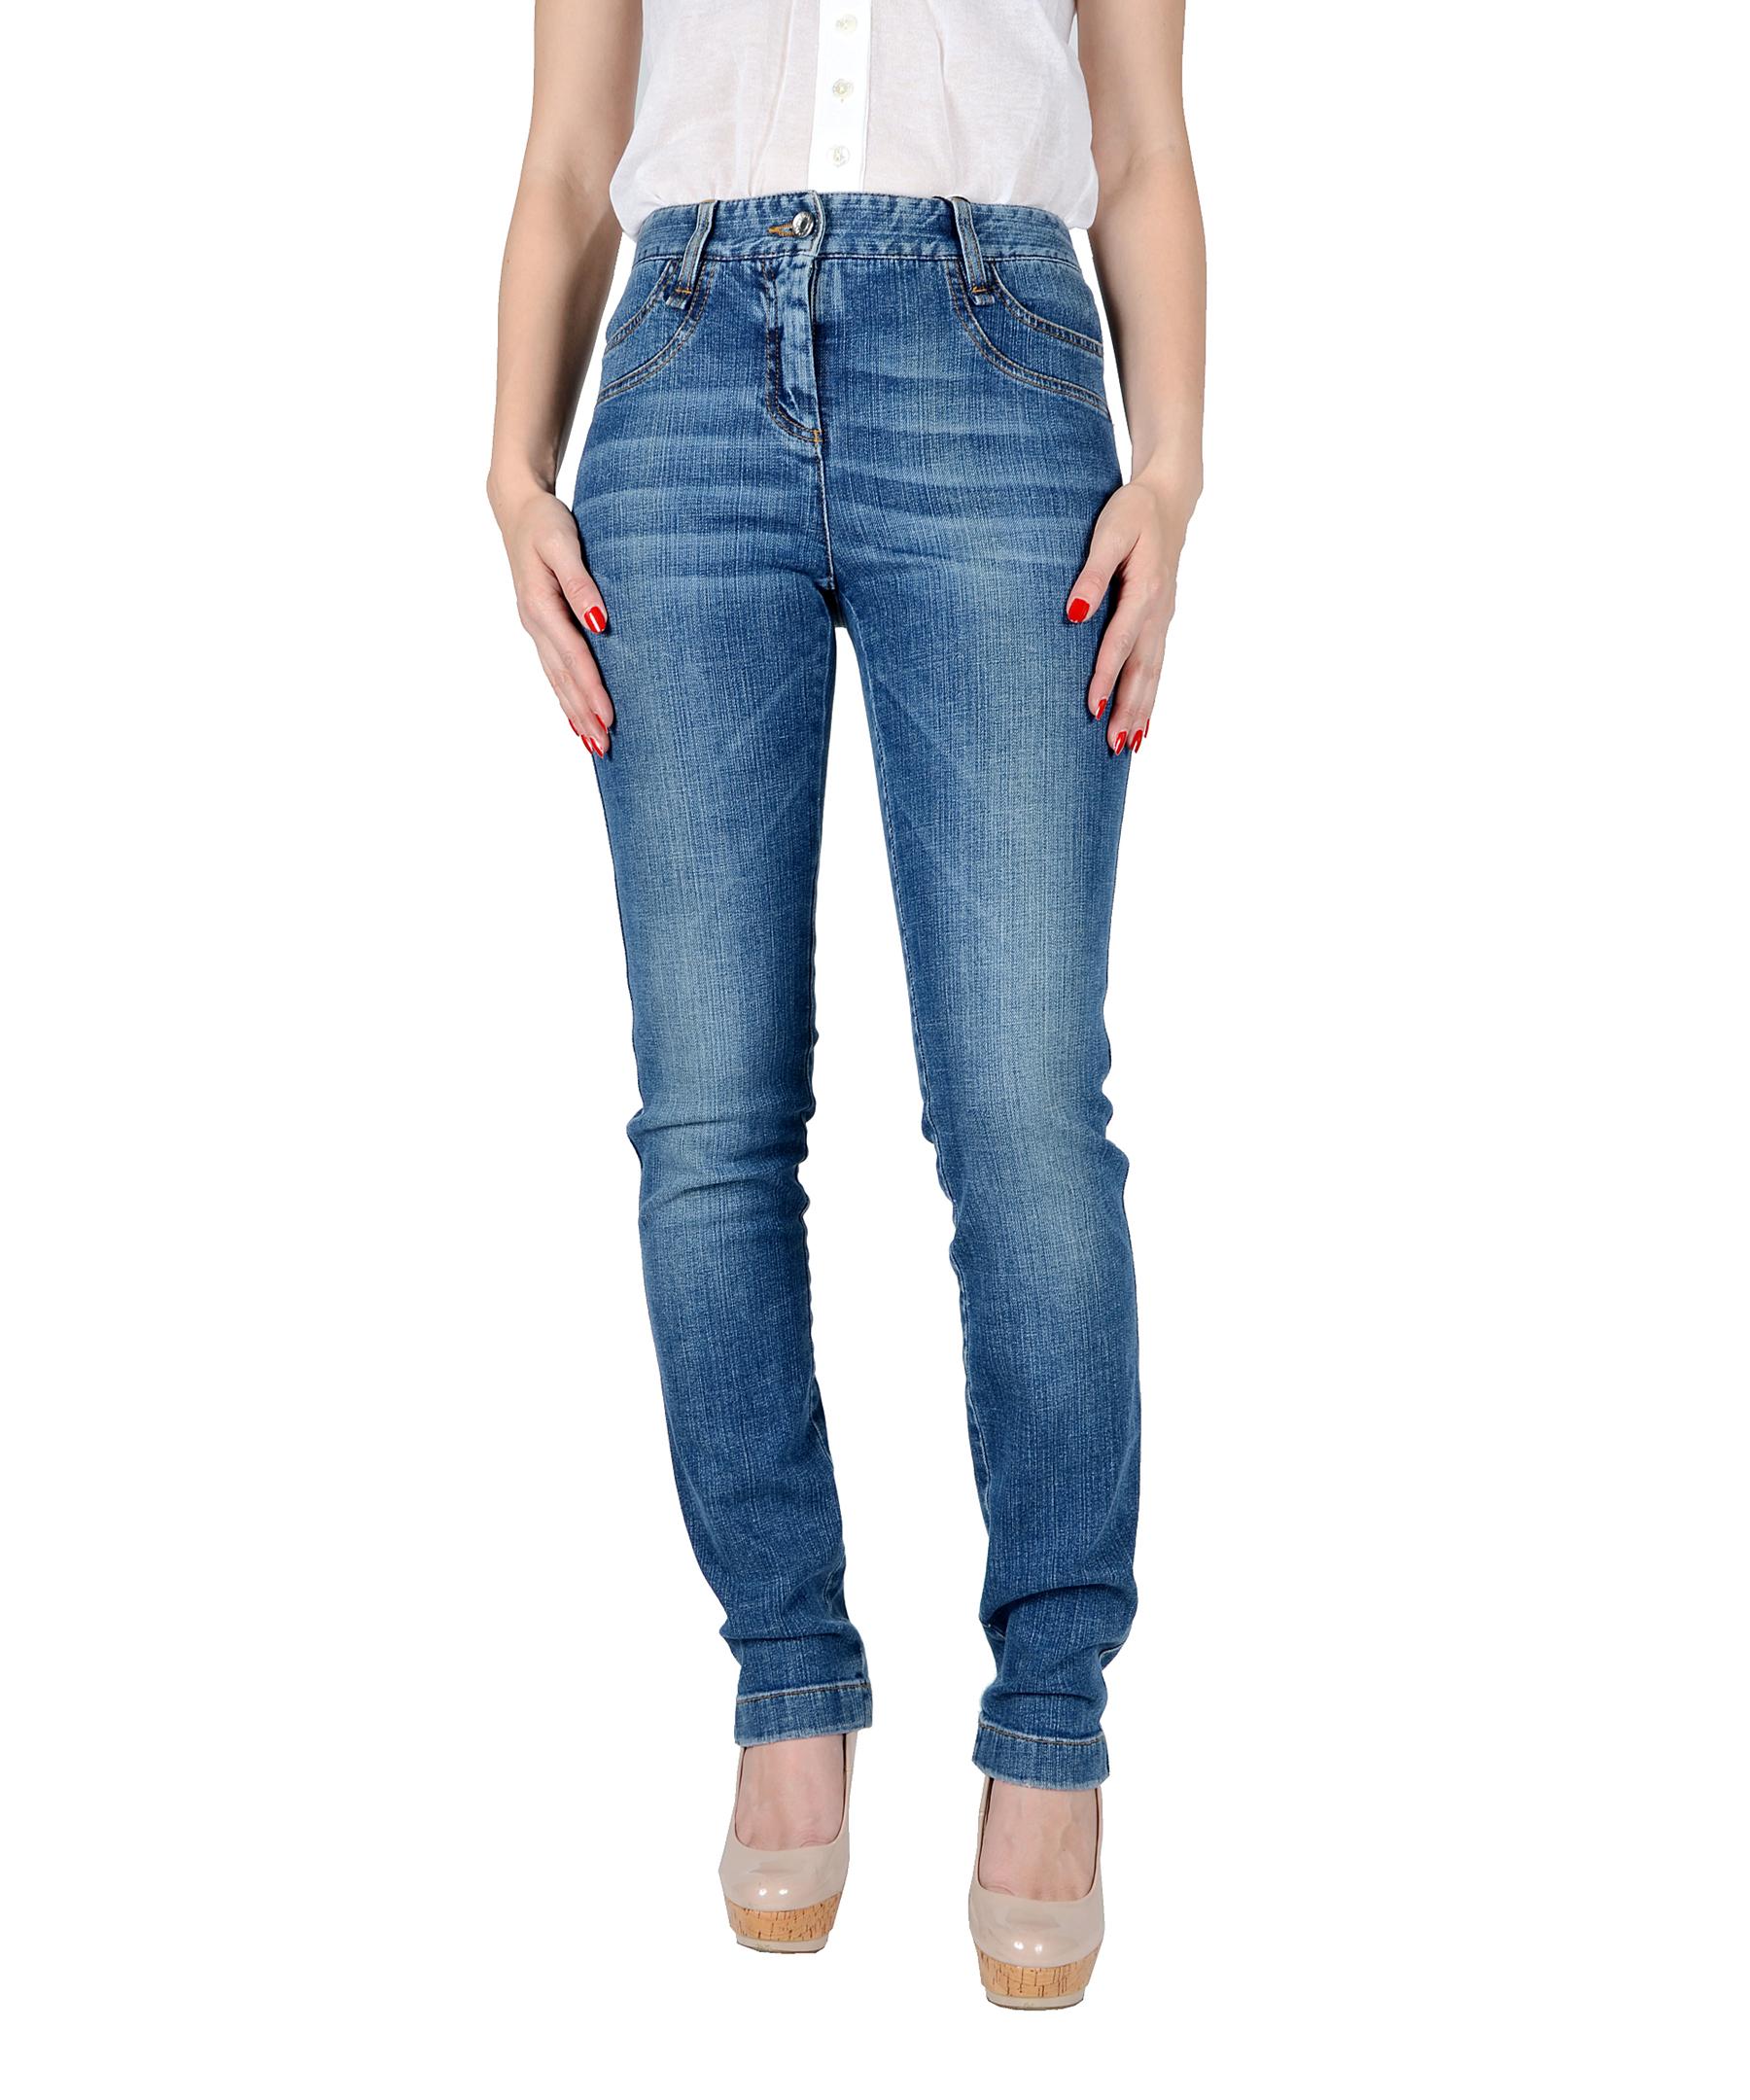 dolce gabbana skinny denim jeans in blue lyst. Black Bedroom Furniture Sets. Home Design Ideas